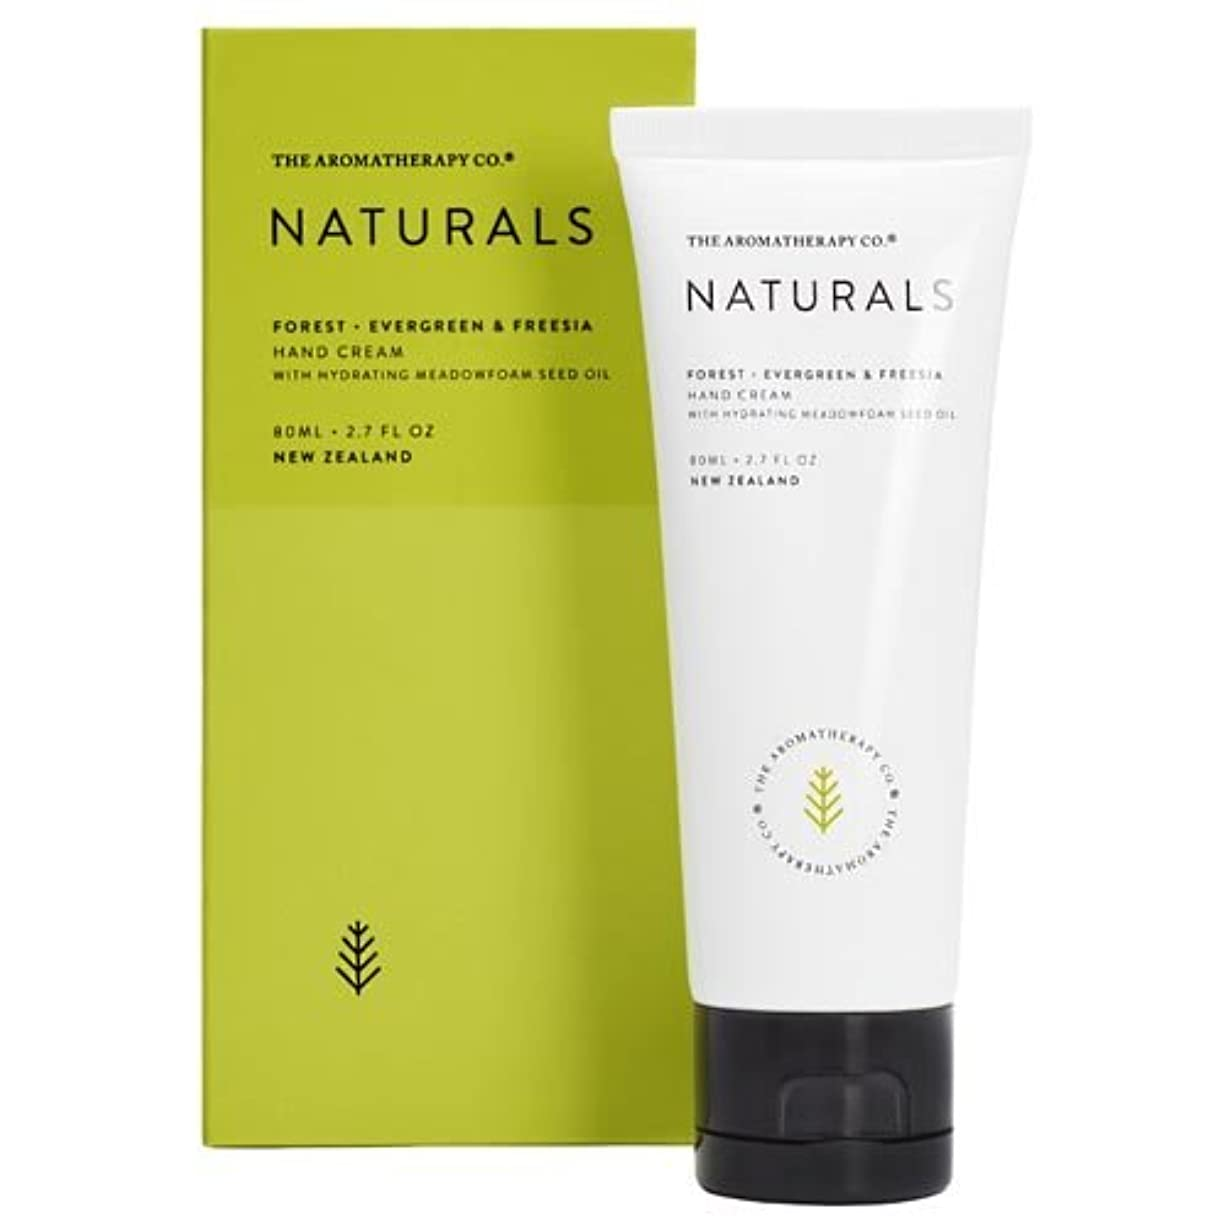 ささいなブラウズ宝石new NATURALS ナチュラルズ Hand Cream ハンドクリーム Forest フォレスト(森林)Evergreen & Freesia エバーグリーン&フリージア